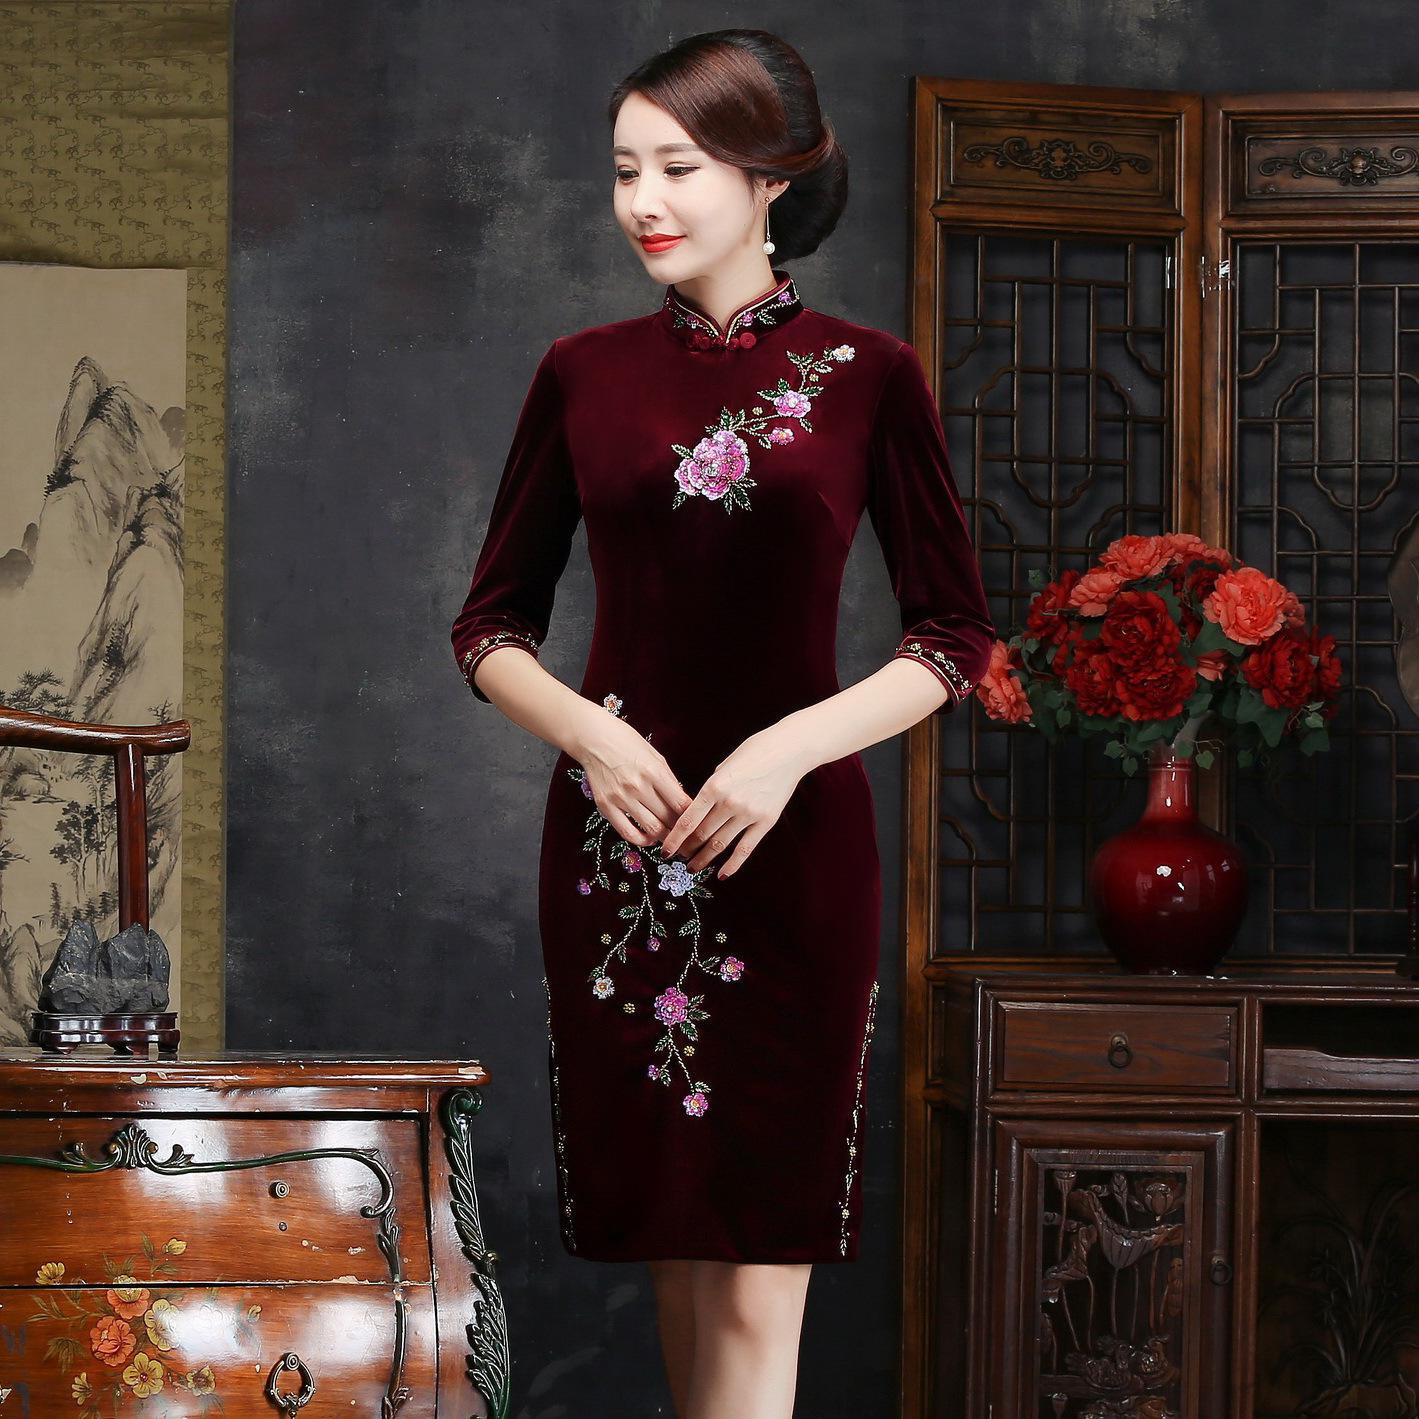 Осень зима для женщин вышивка Qipao пикантные высокие разделение Cheongsam Oversize 3XL 4XL Винтаж ручной работы и пуговицы платье Vestiidos - Цвет: Burgundy Short